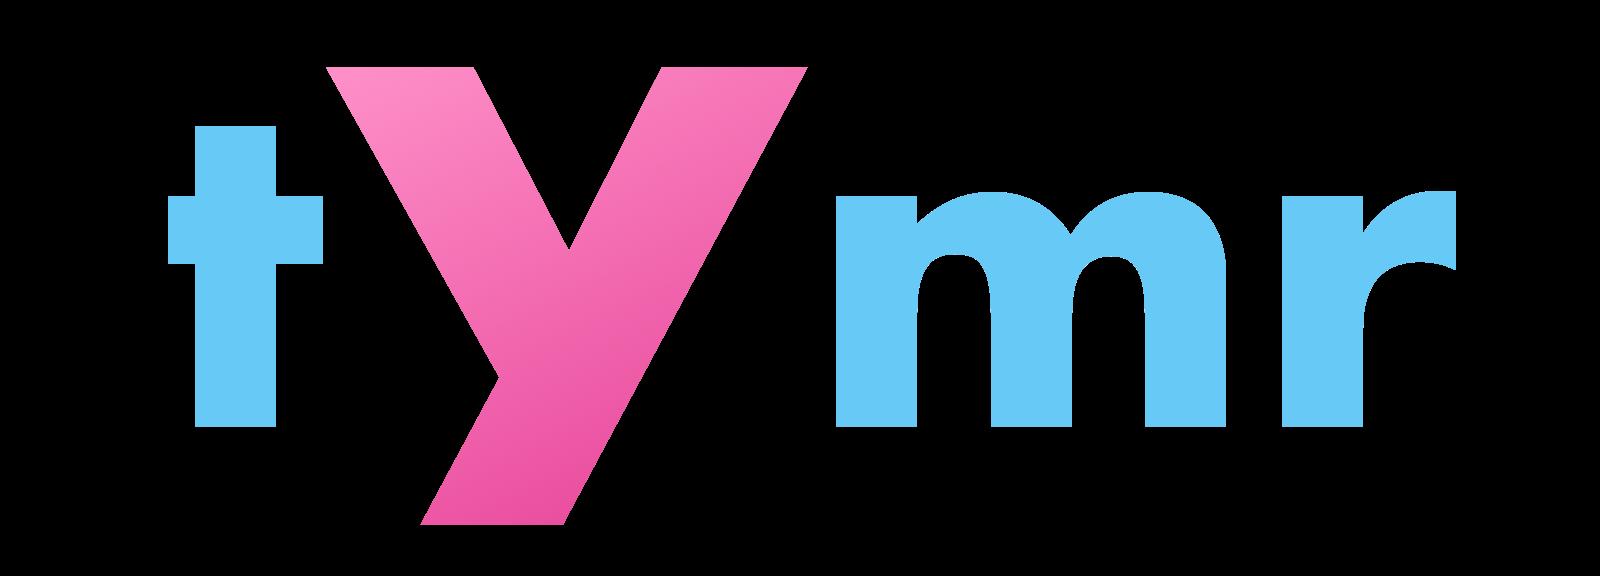 tymr_logo_2